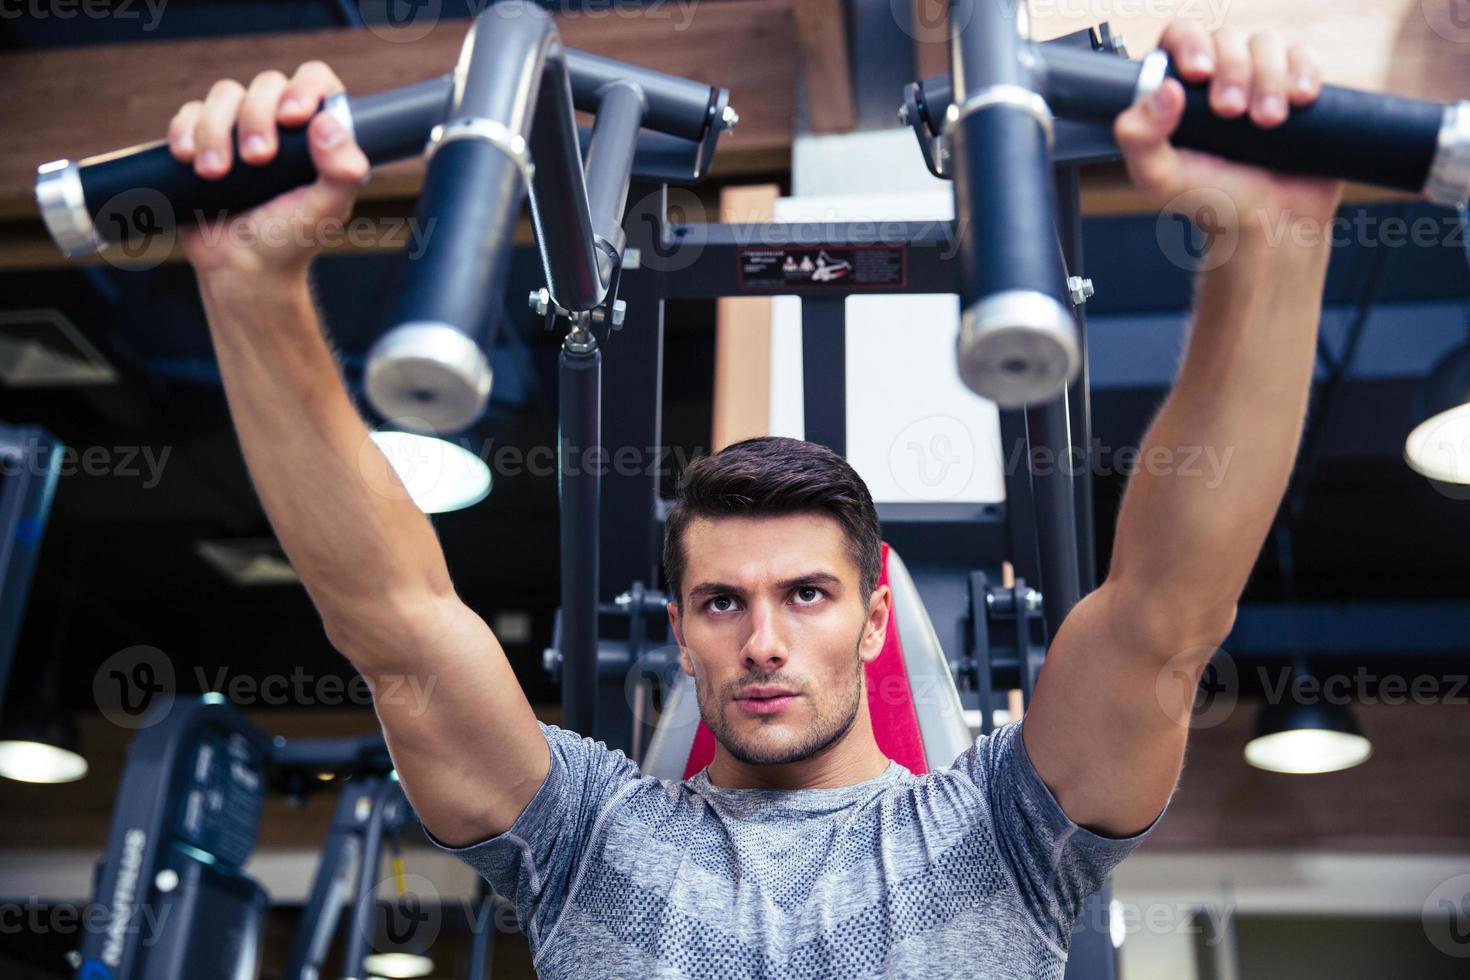 Mann, der Übung auf Fitnessgerät im Fitnessstudio macht foto